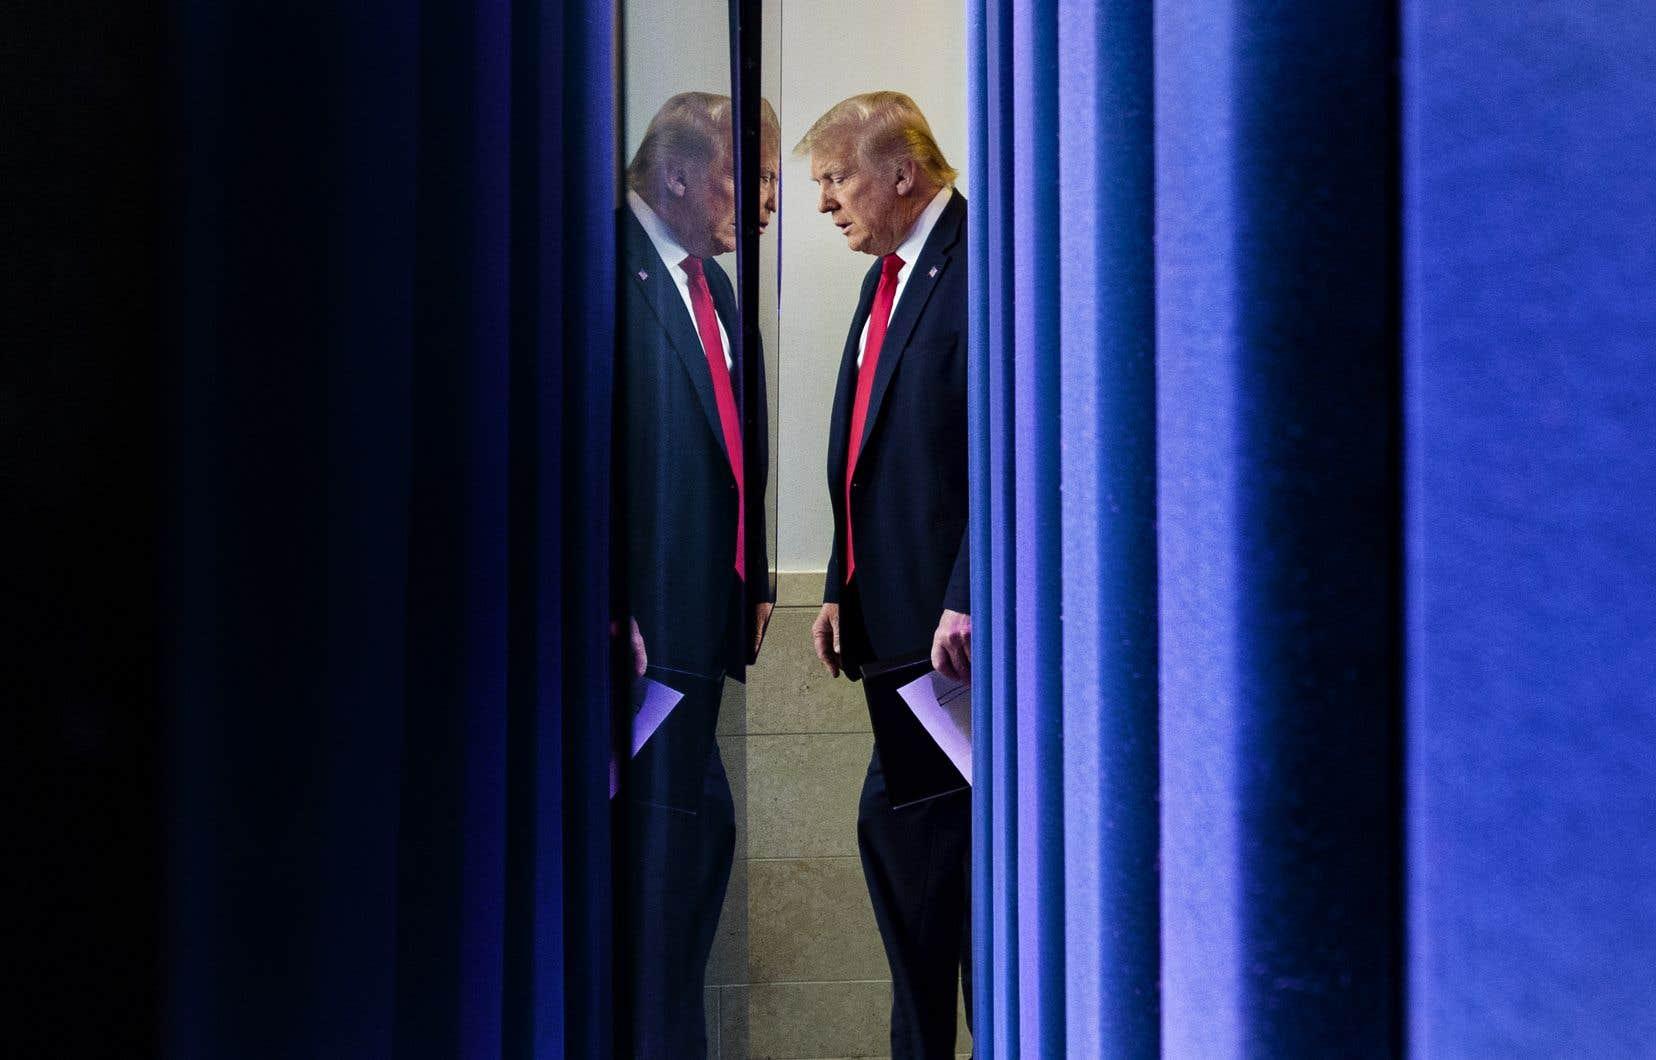 La Cour suprême bat ainsi en brèche la large conception qu'a M. Trump de son immunité présidentielle, mais ce revers infligé au locataire de la Maison-Blanche ne devrait pas permettre aux citoyens américains d'en savoir plus sur ses finances avant la présidentielle du 3 novembre.